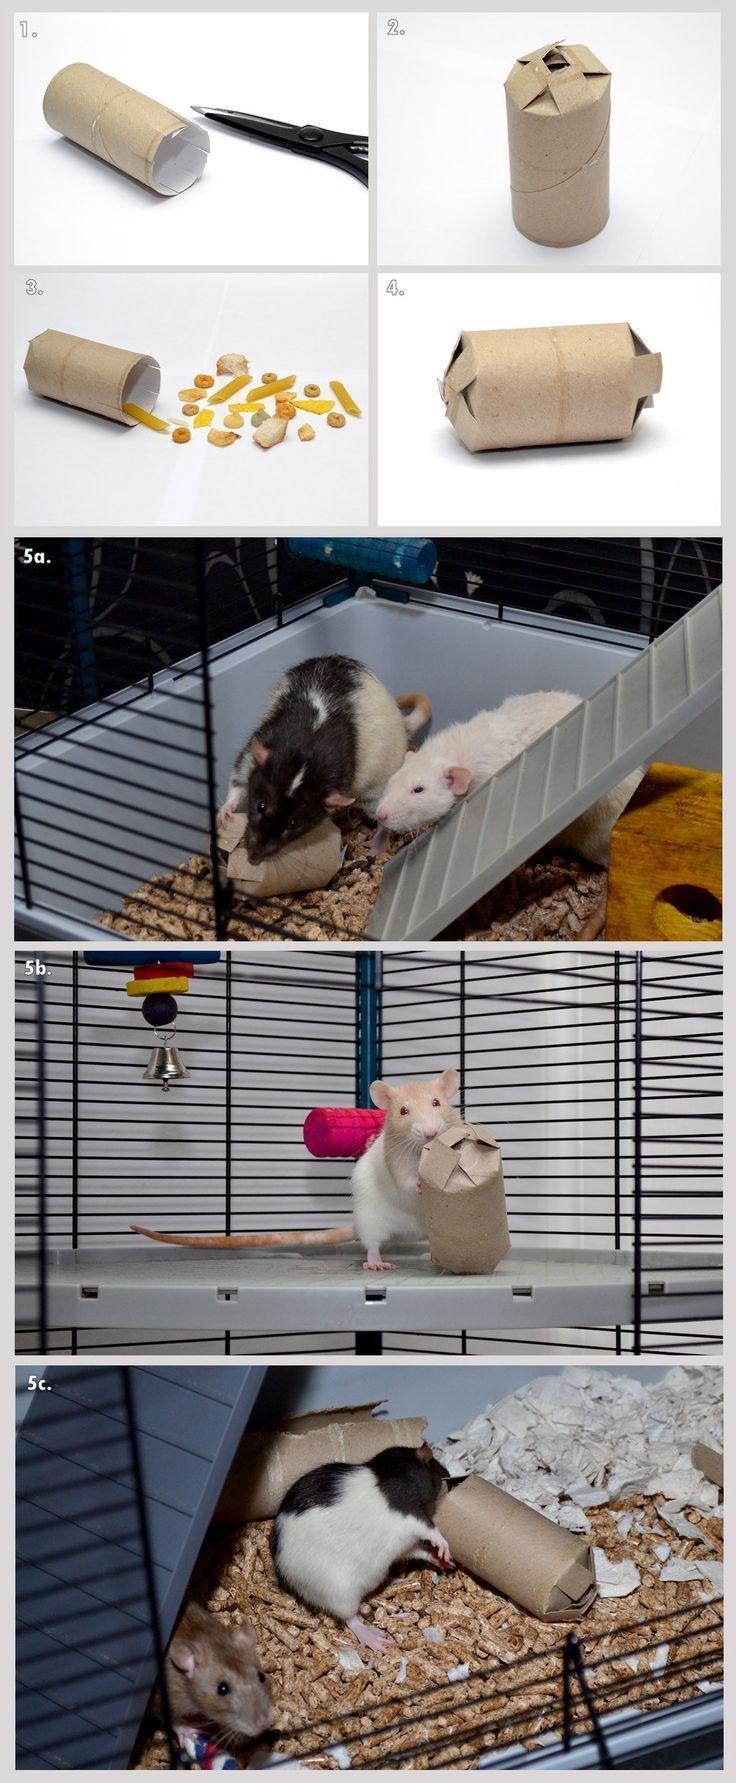 Rattenspielzeug Tutorial  Treat Box Pinata von LadyTara auf deviantART  Rattenspielzeug Tutorial  Treat Box Pinata von LadyTara auf deviantART